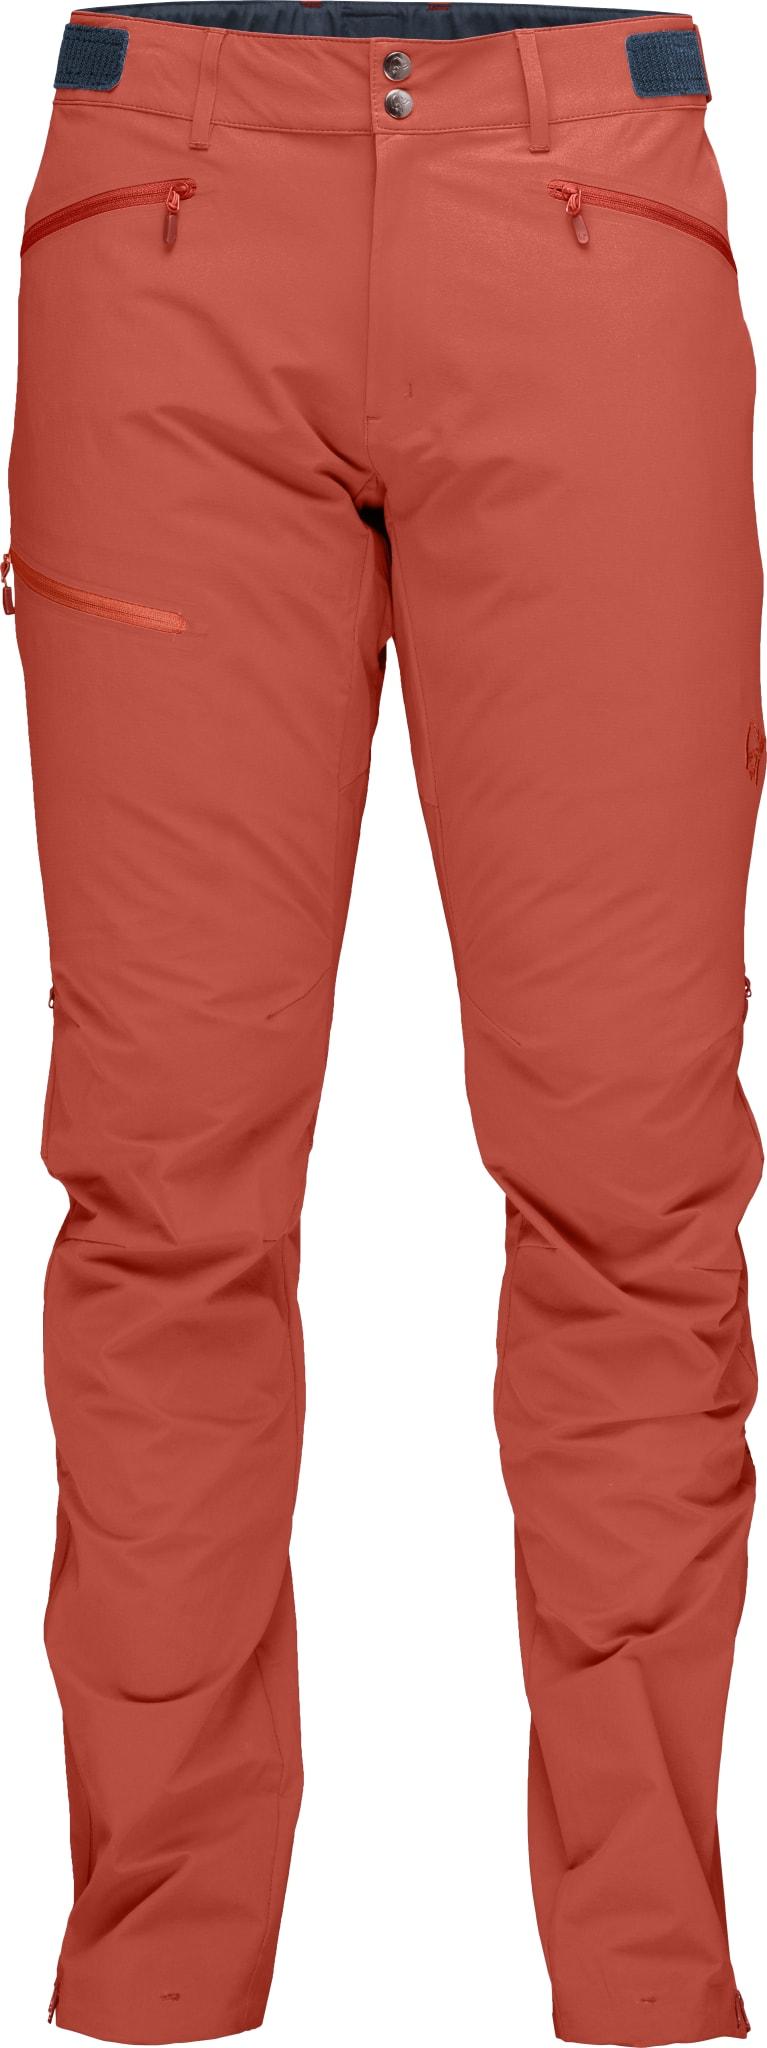 Falketind Flex1 Pants